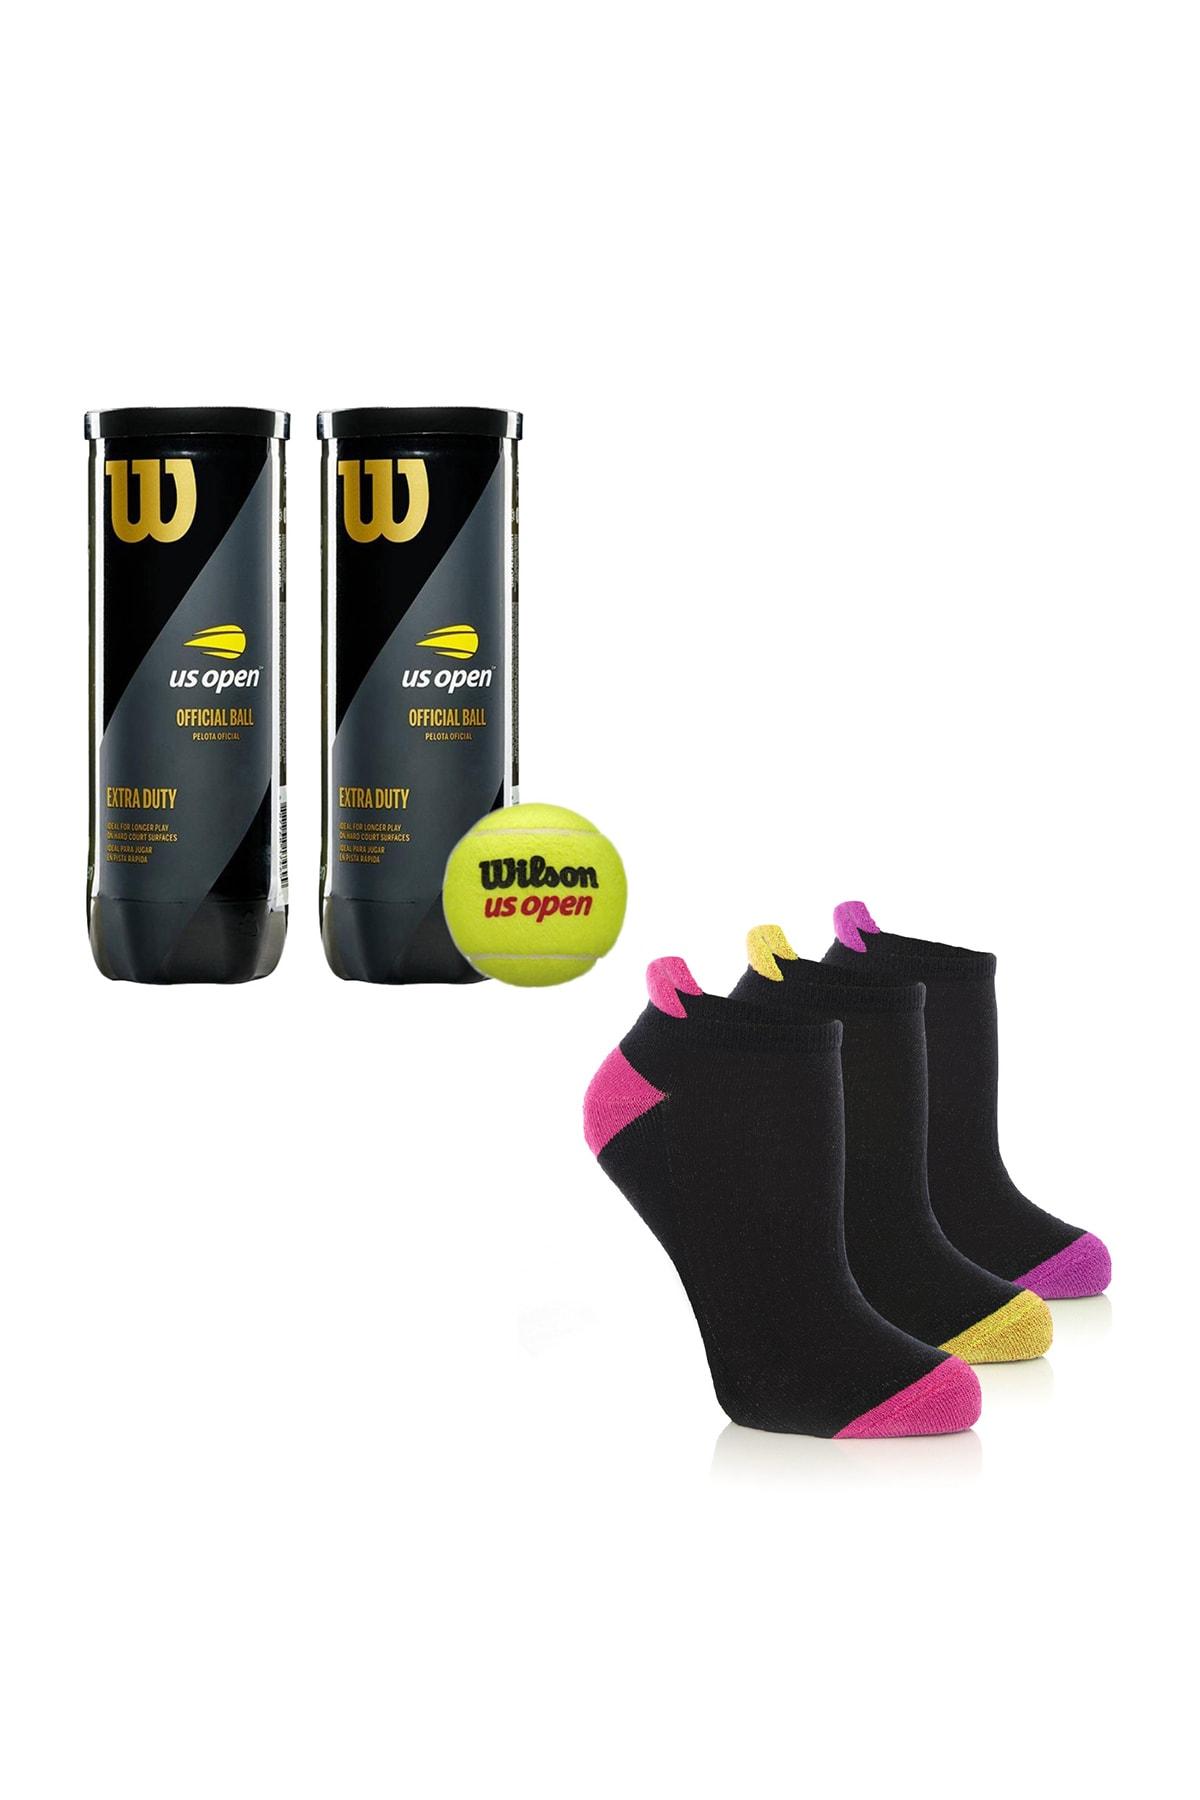 Wilson Us Open 2 Kutu  tenis Topu Vakum Ambalajda ve MURR 3'lü paket Kadın  Profesyonel Tenis Çorabı